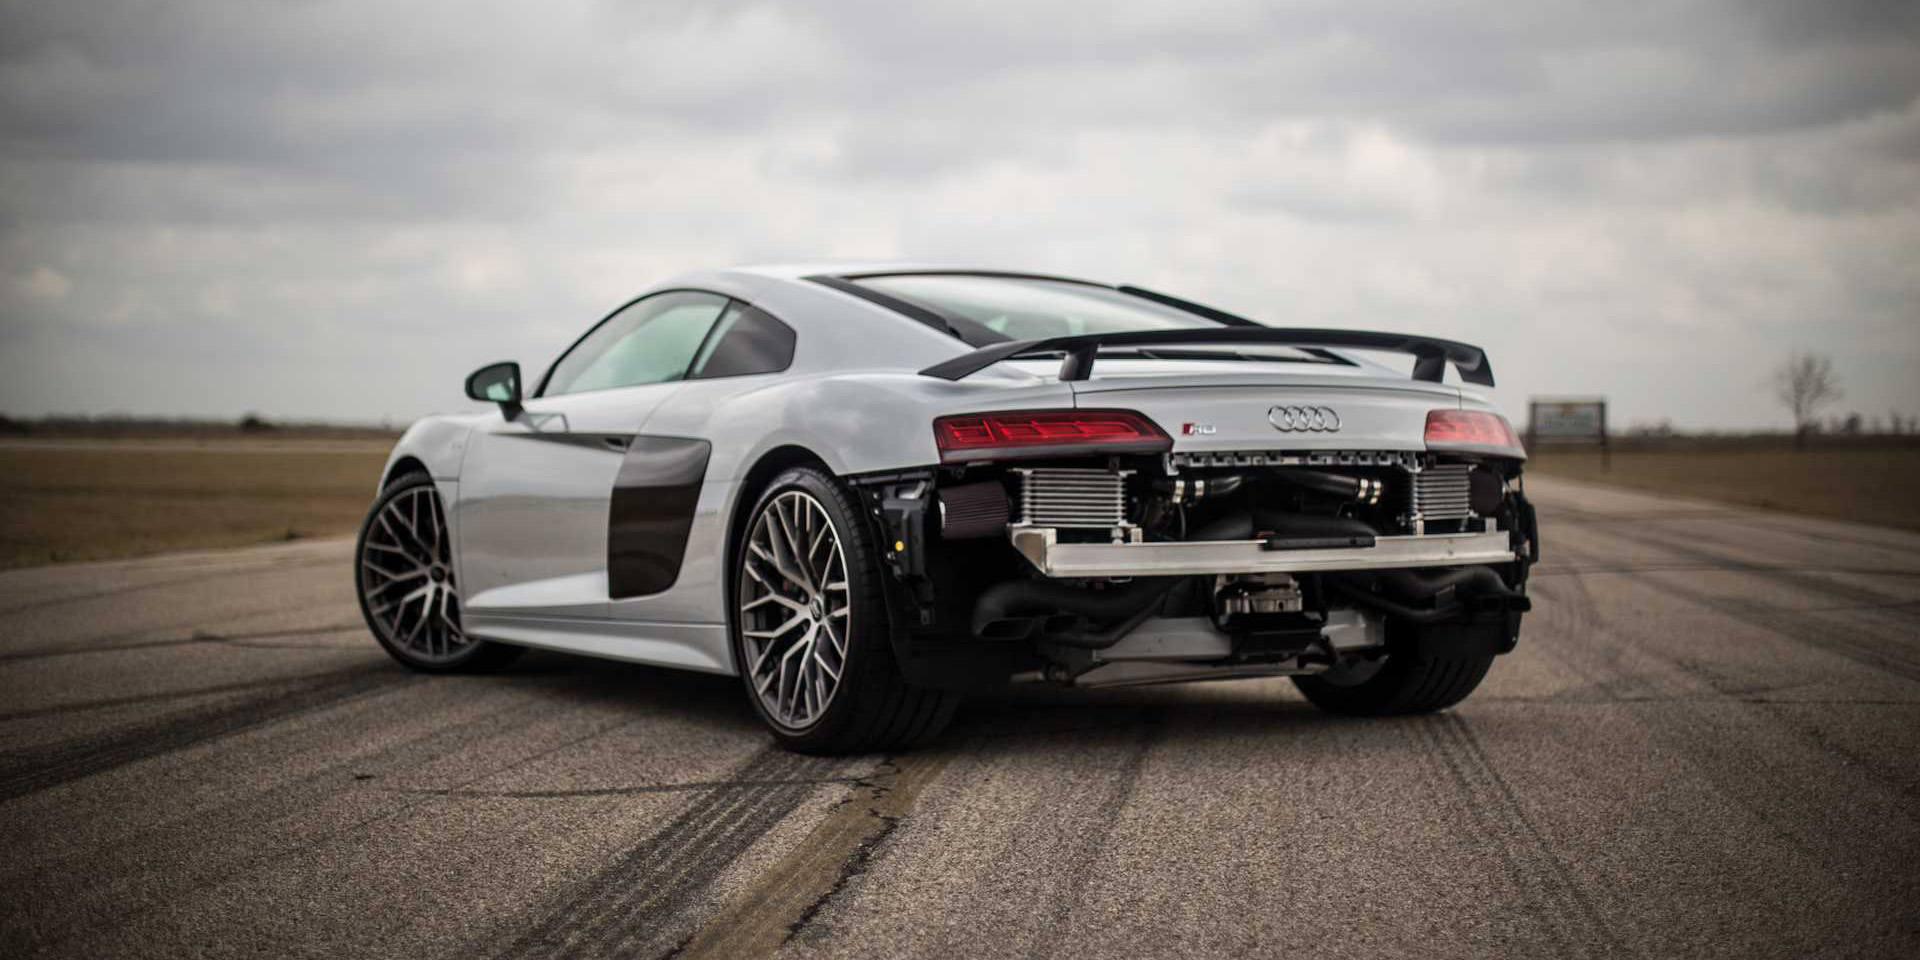 Driven: 2015 Audi R8 V10 plus S tronic